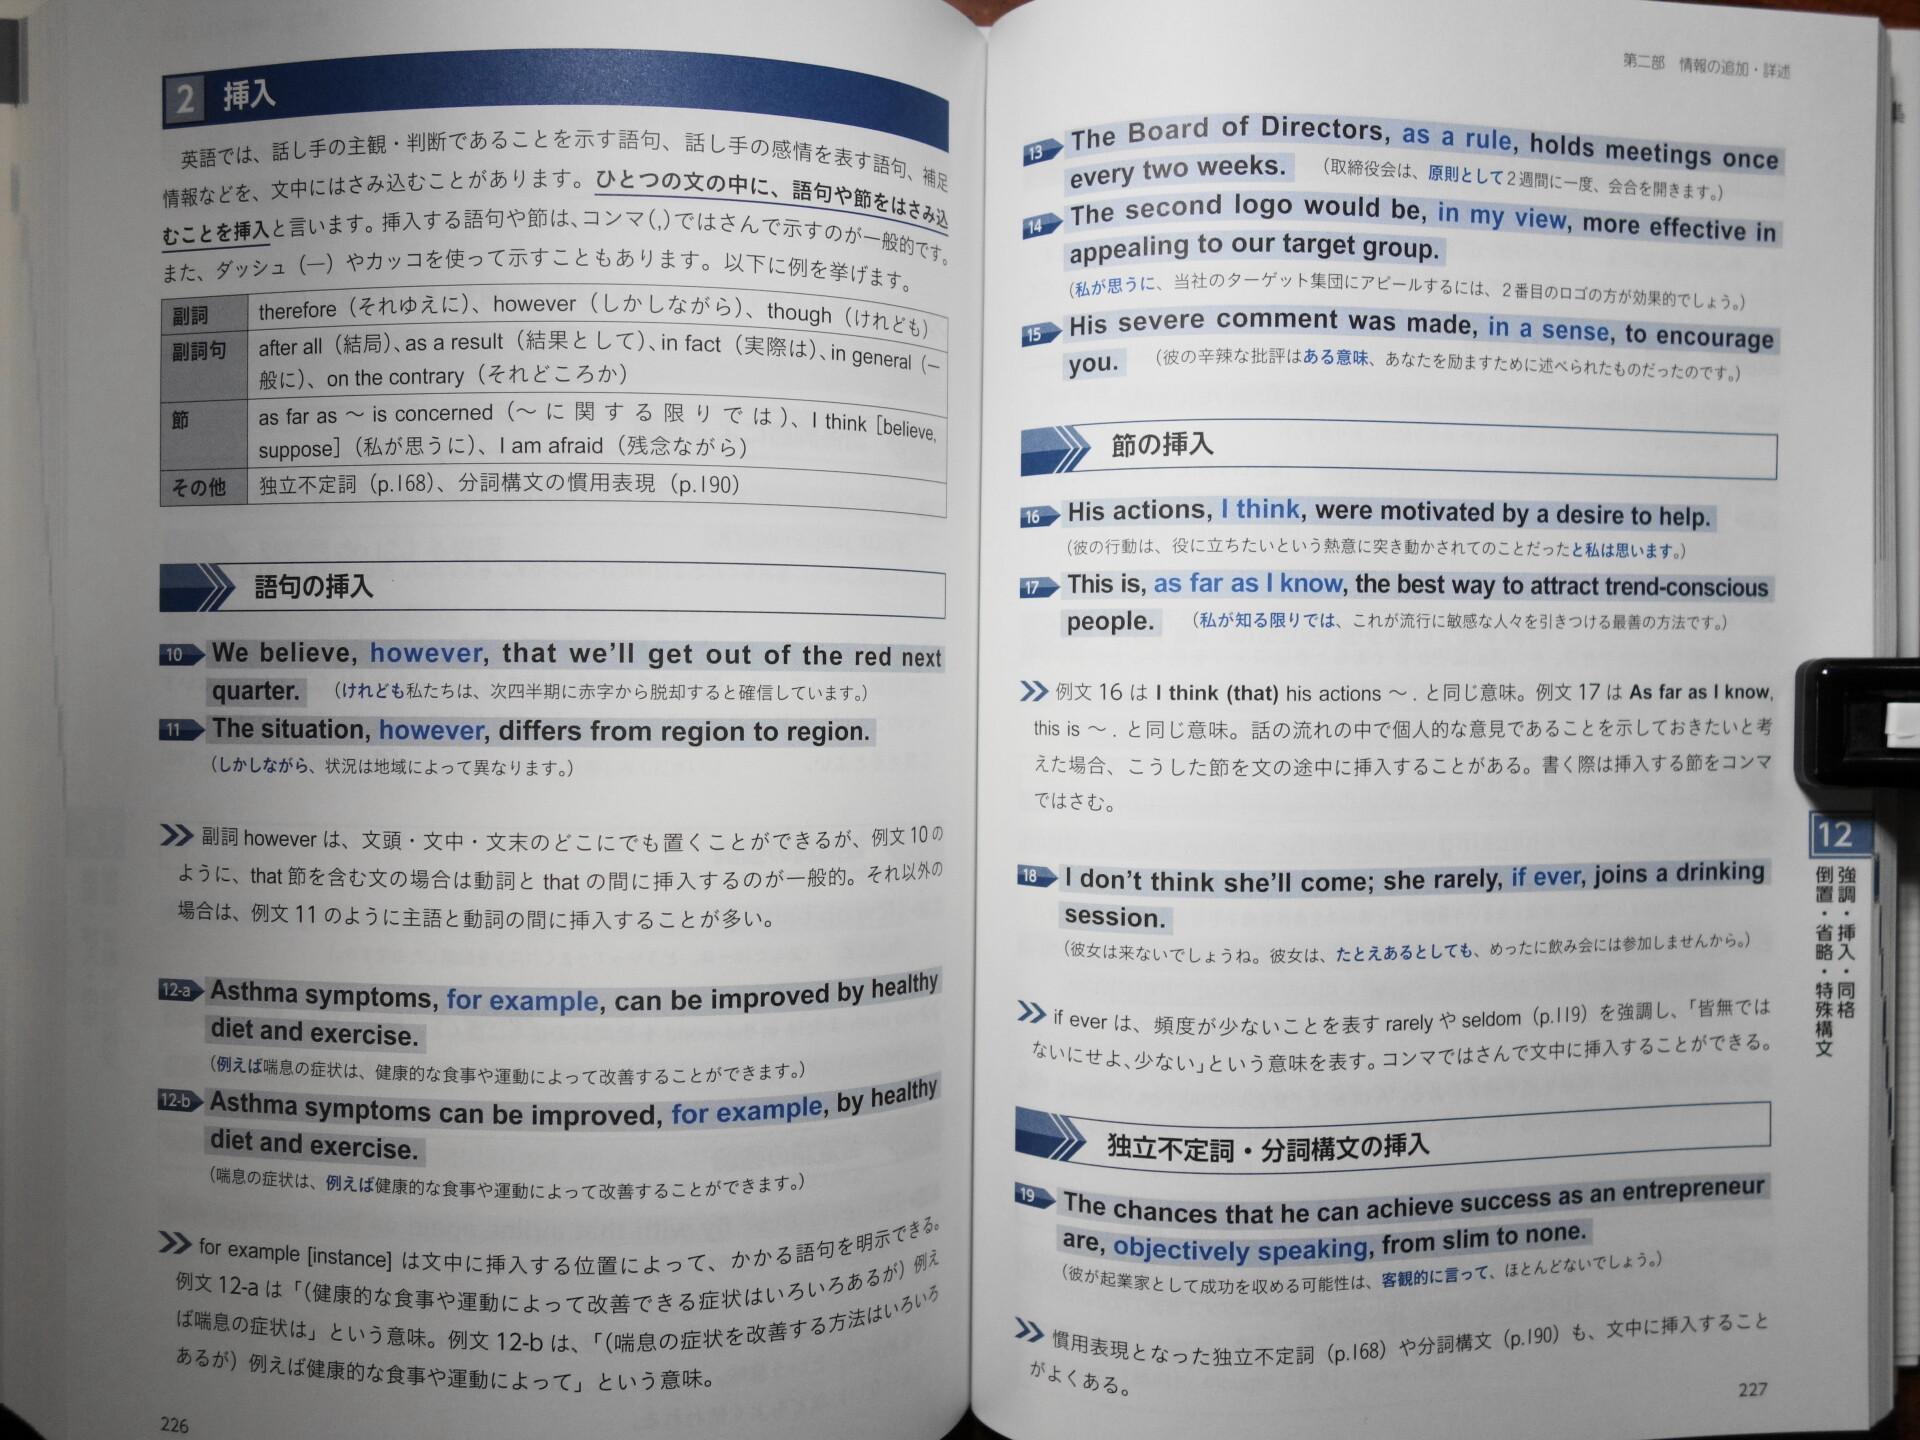 英文語句の用法